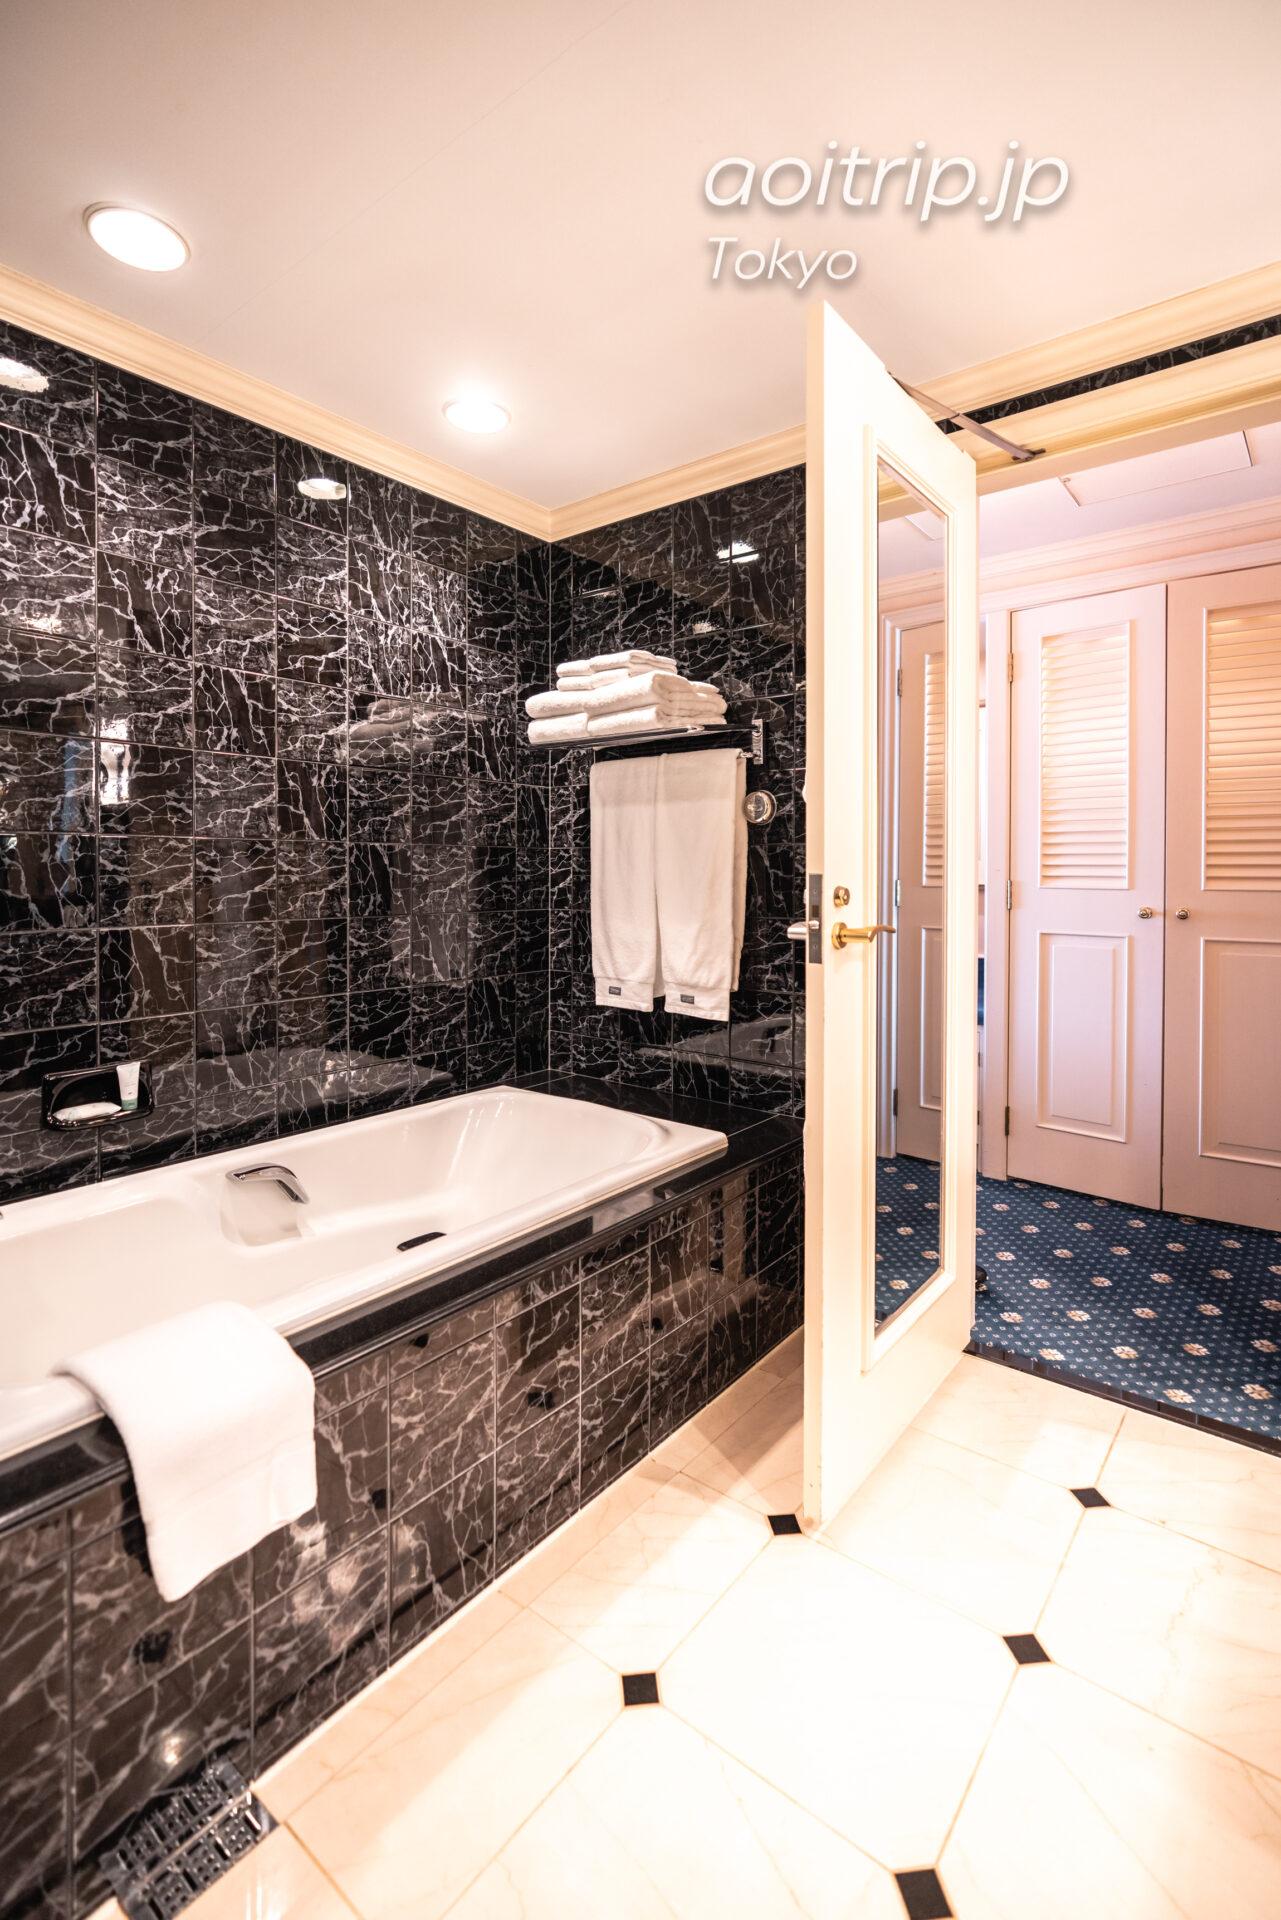 ウェスティン東京 デラックススイート ダブルベッド2台, クラブラウンジ, 東京タワービュー Deluxe Suite 2 Double, Club lounge access, 1 Bedroom Suite, Tokyo Tower view バスルーム